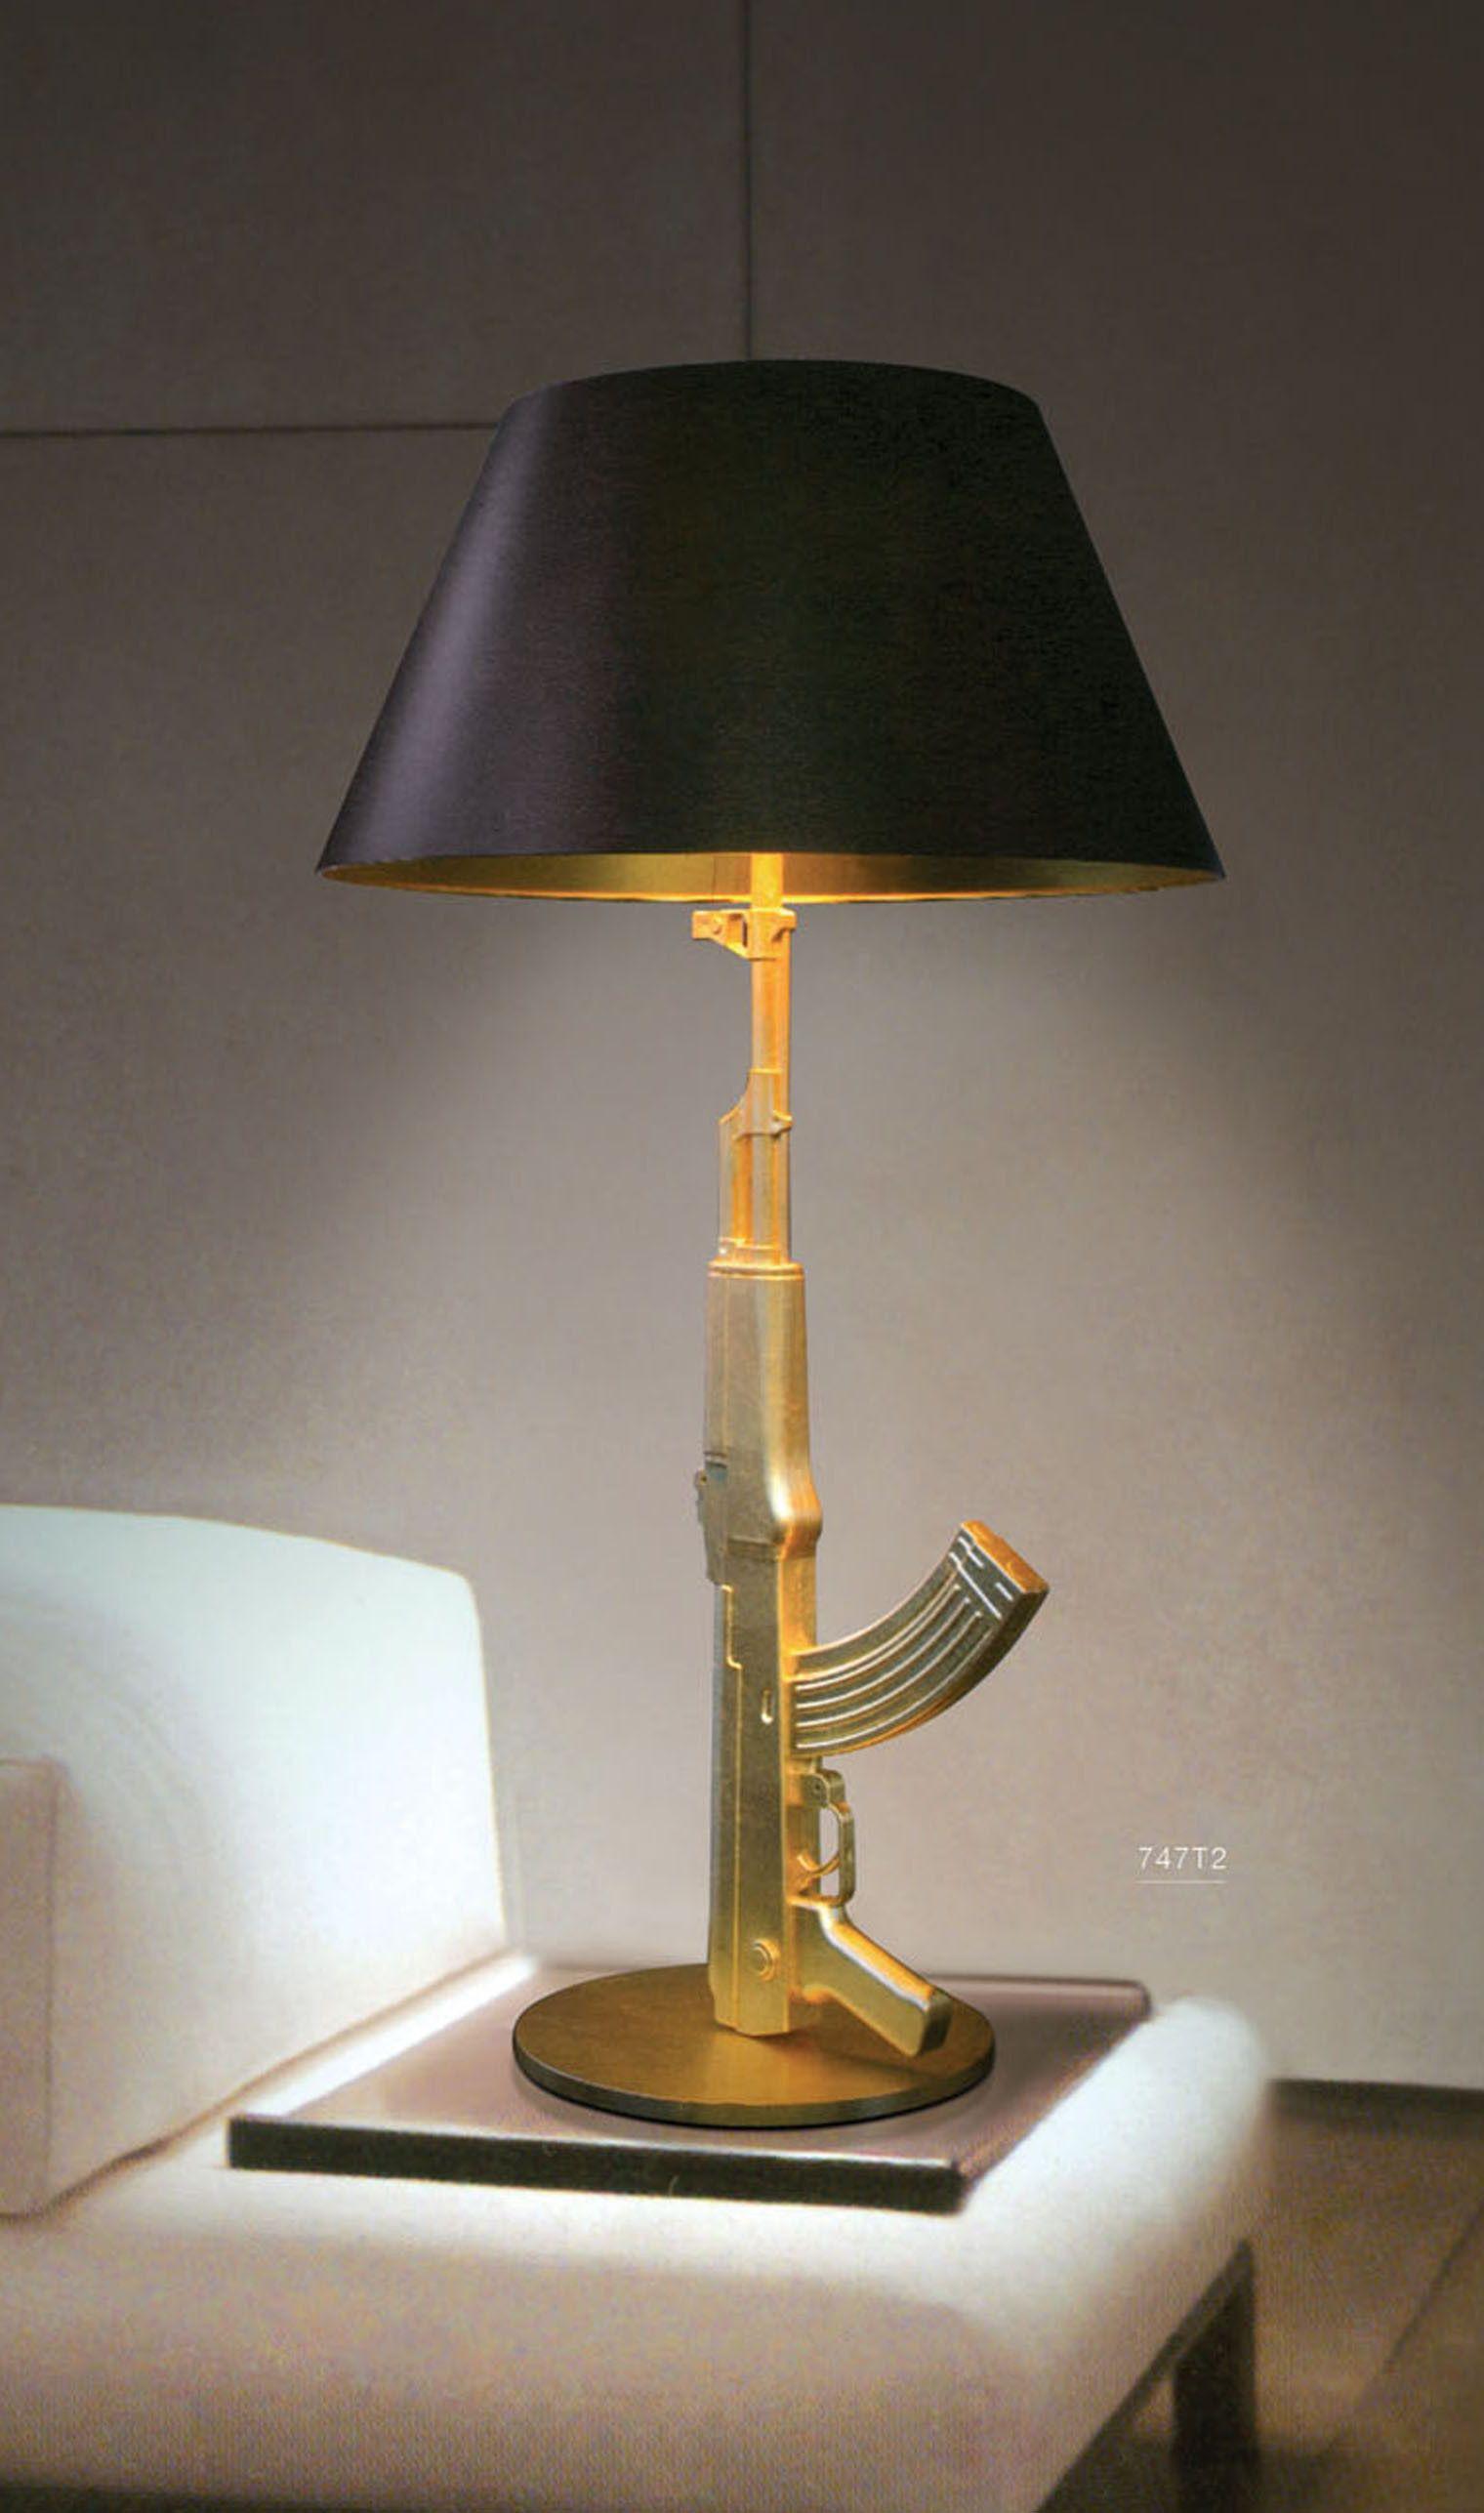 Marvelous Gold Ak 47 Lamp   Google Search